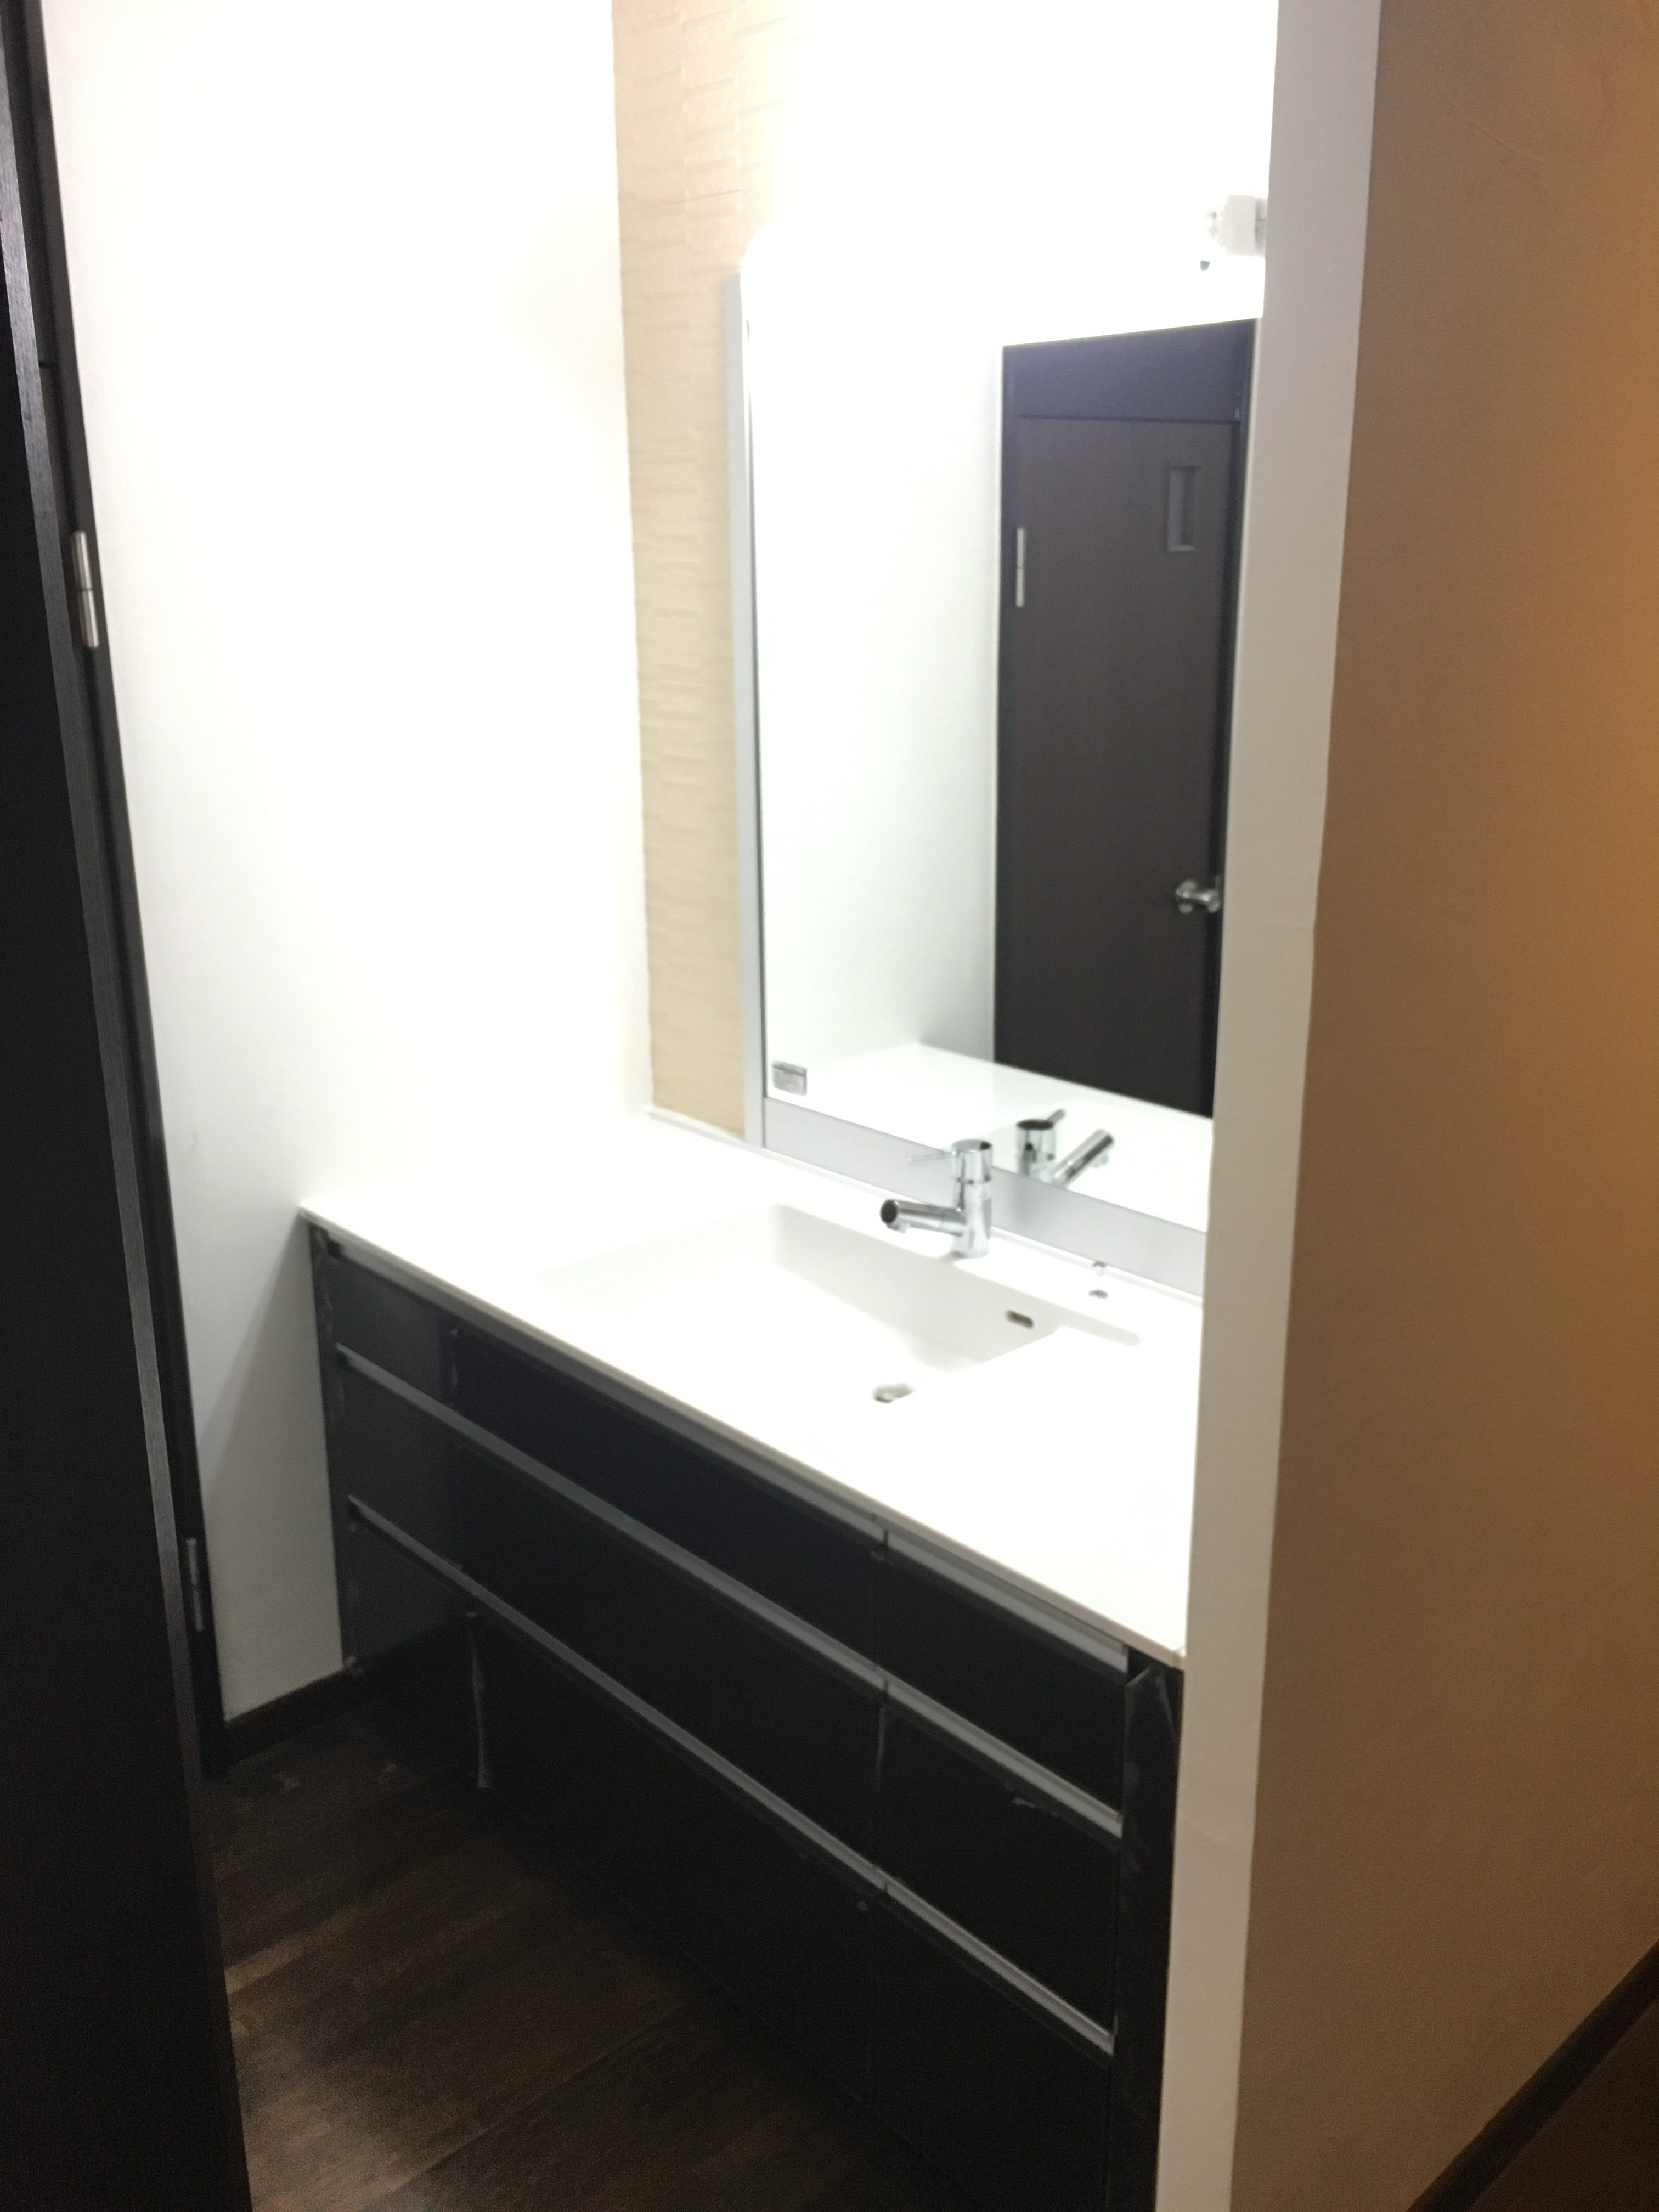 シンプルかつ高級感のある洗面化粧台